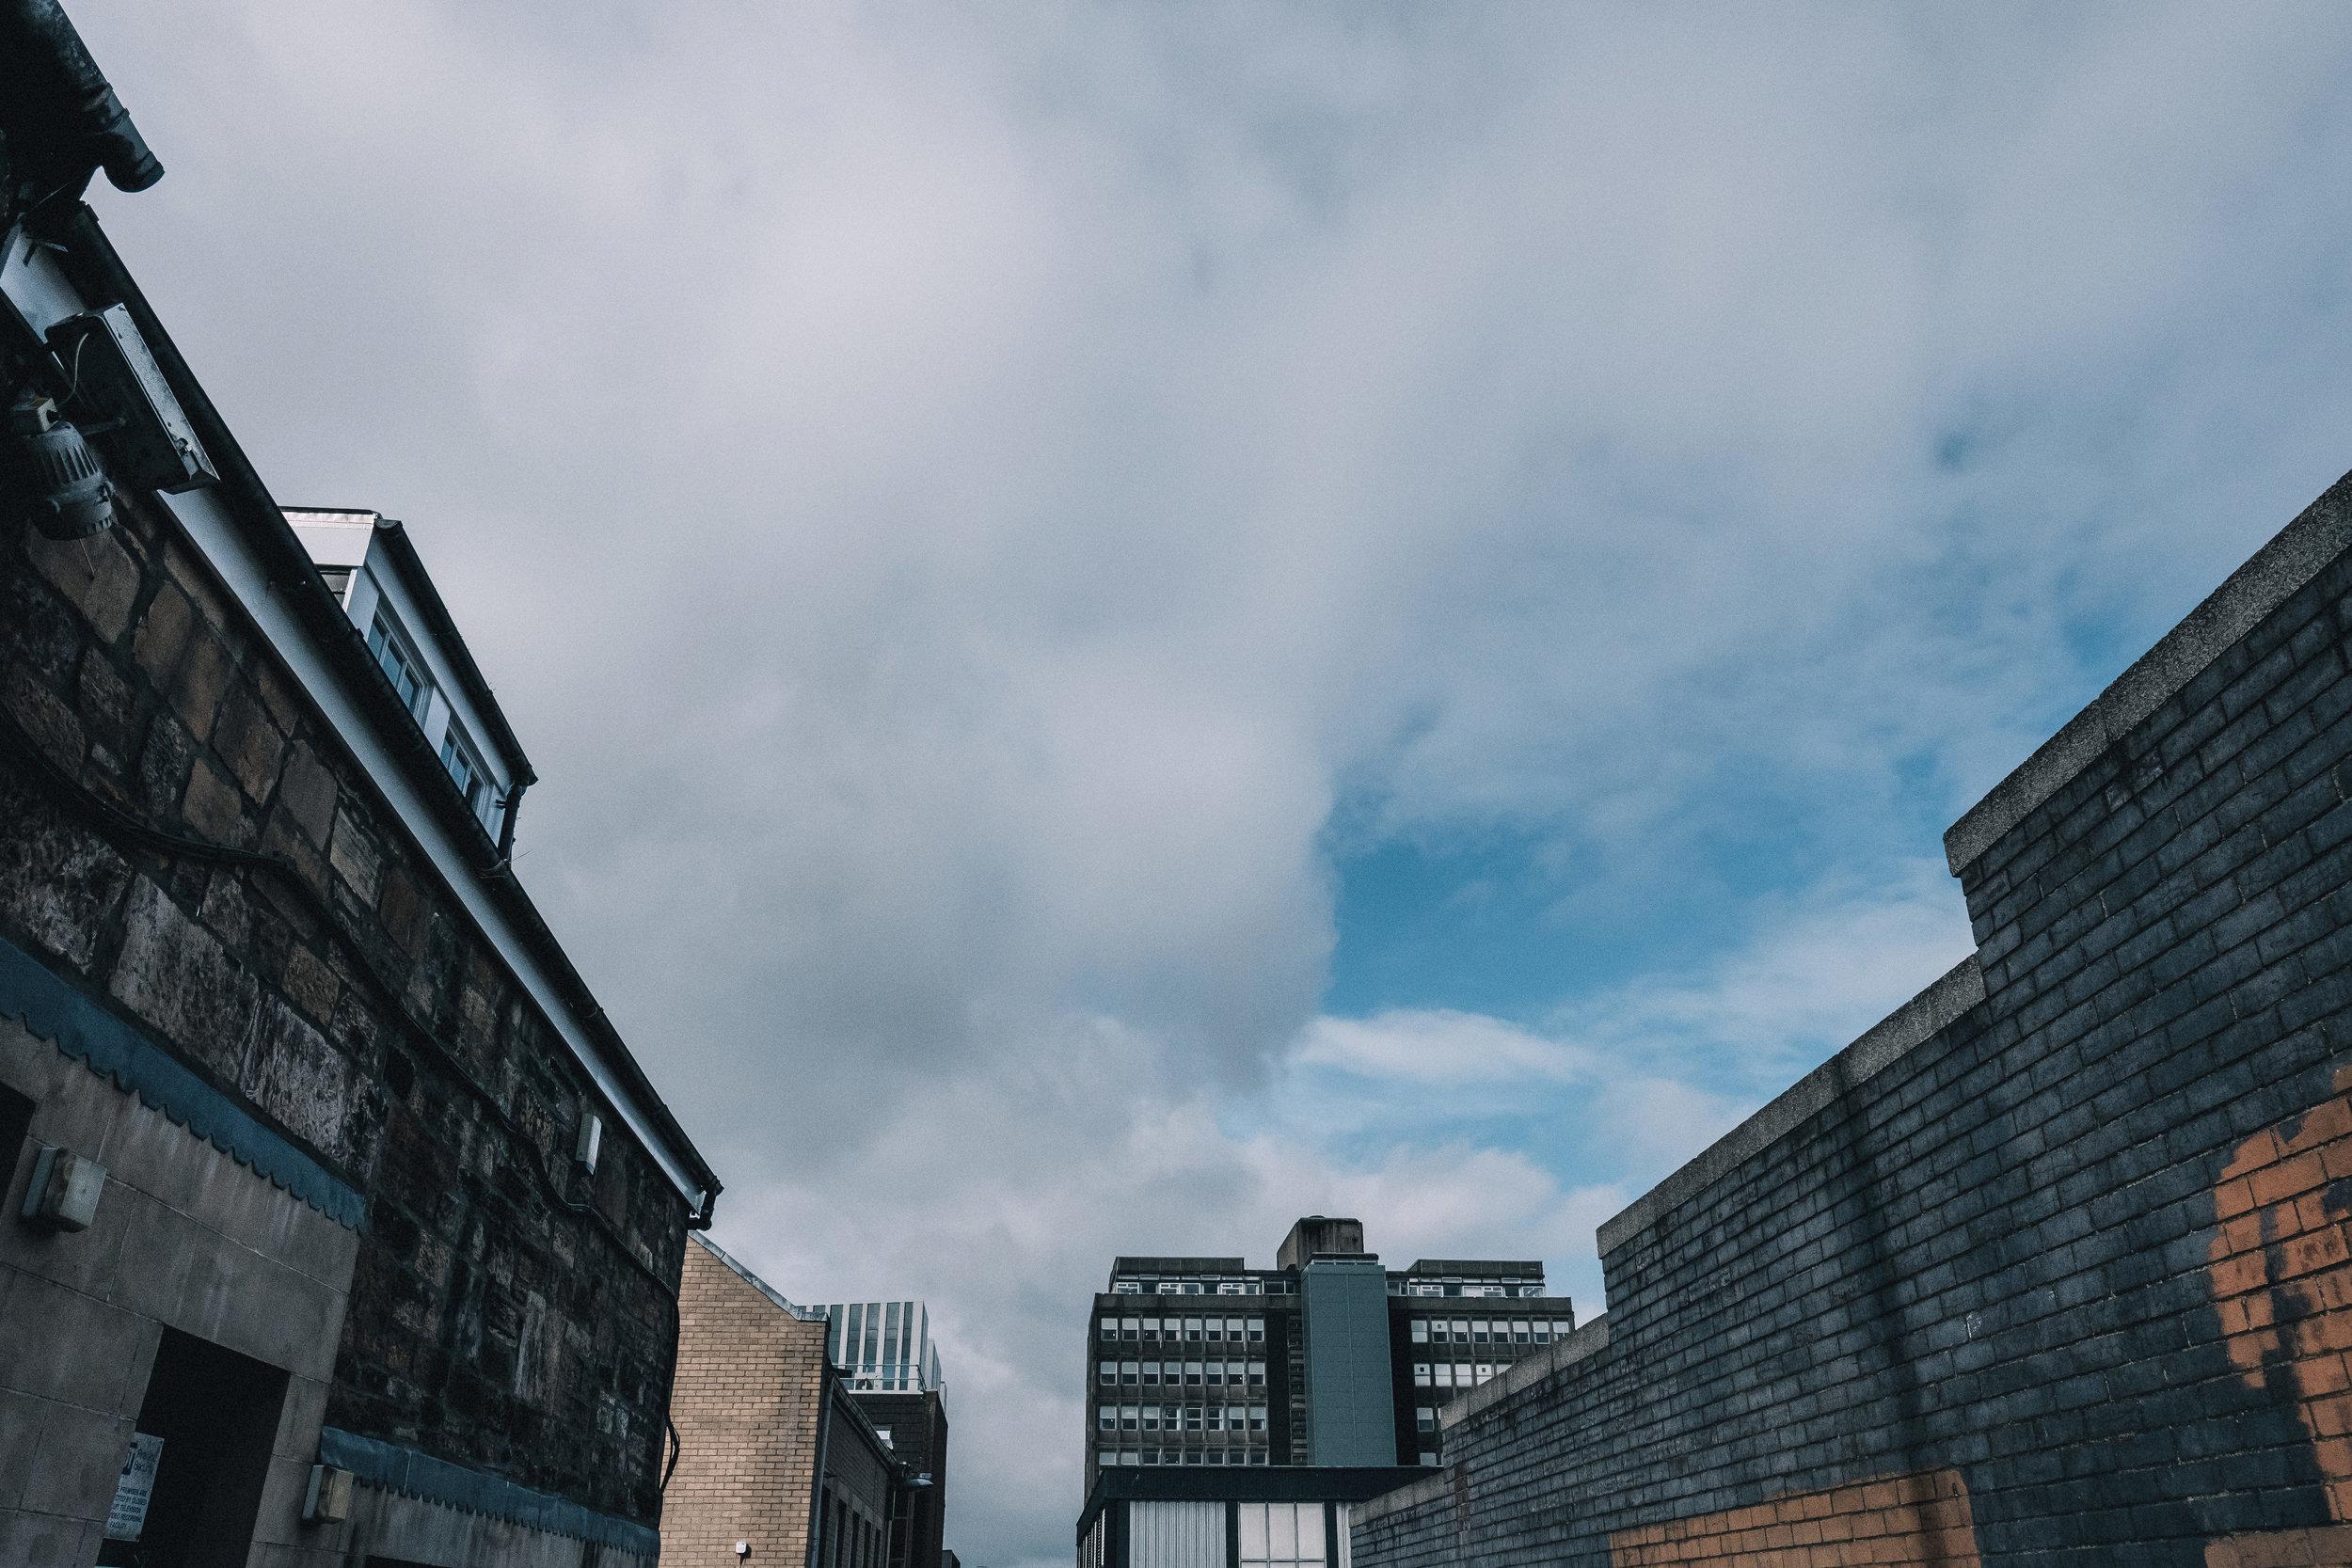 Blue sky amidst buildings